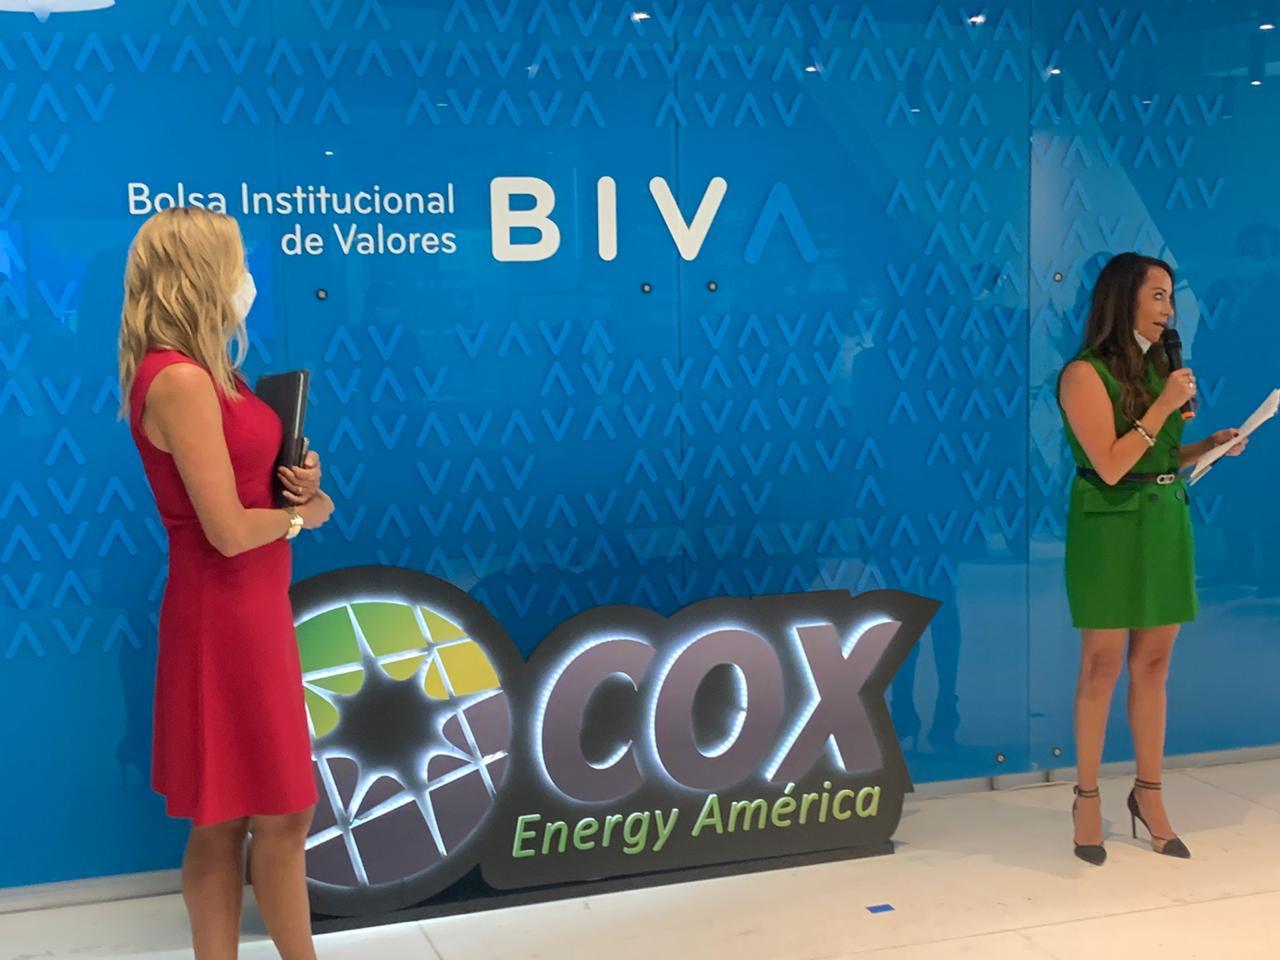 Confidencias: Cox Energy da el primer gran salto energético bursátil en México